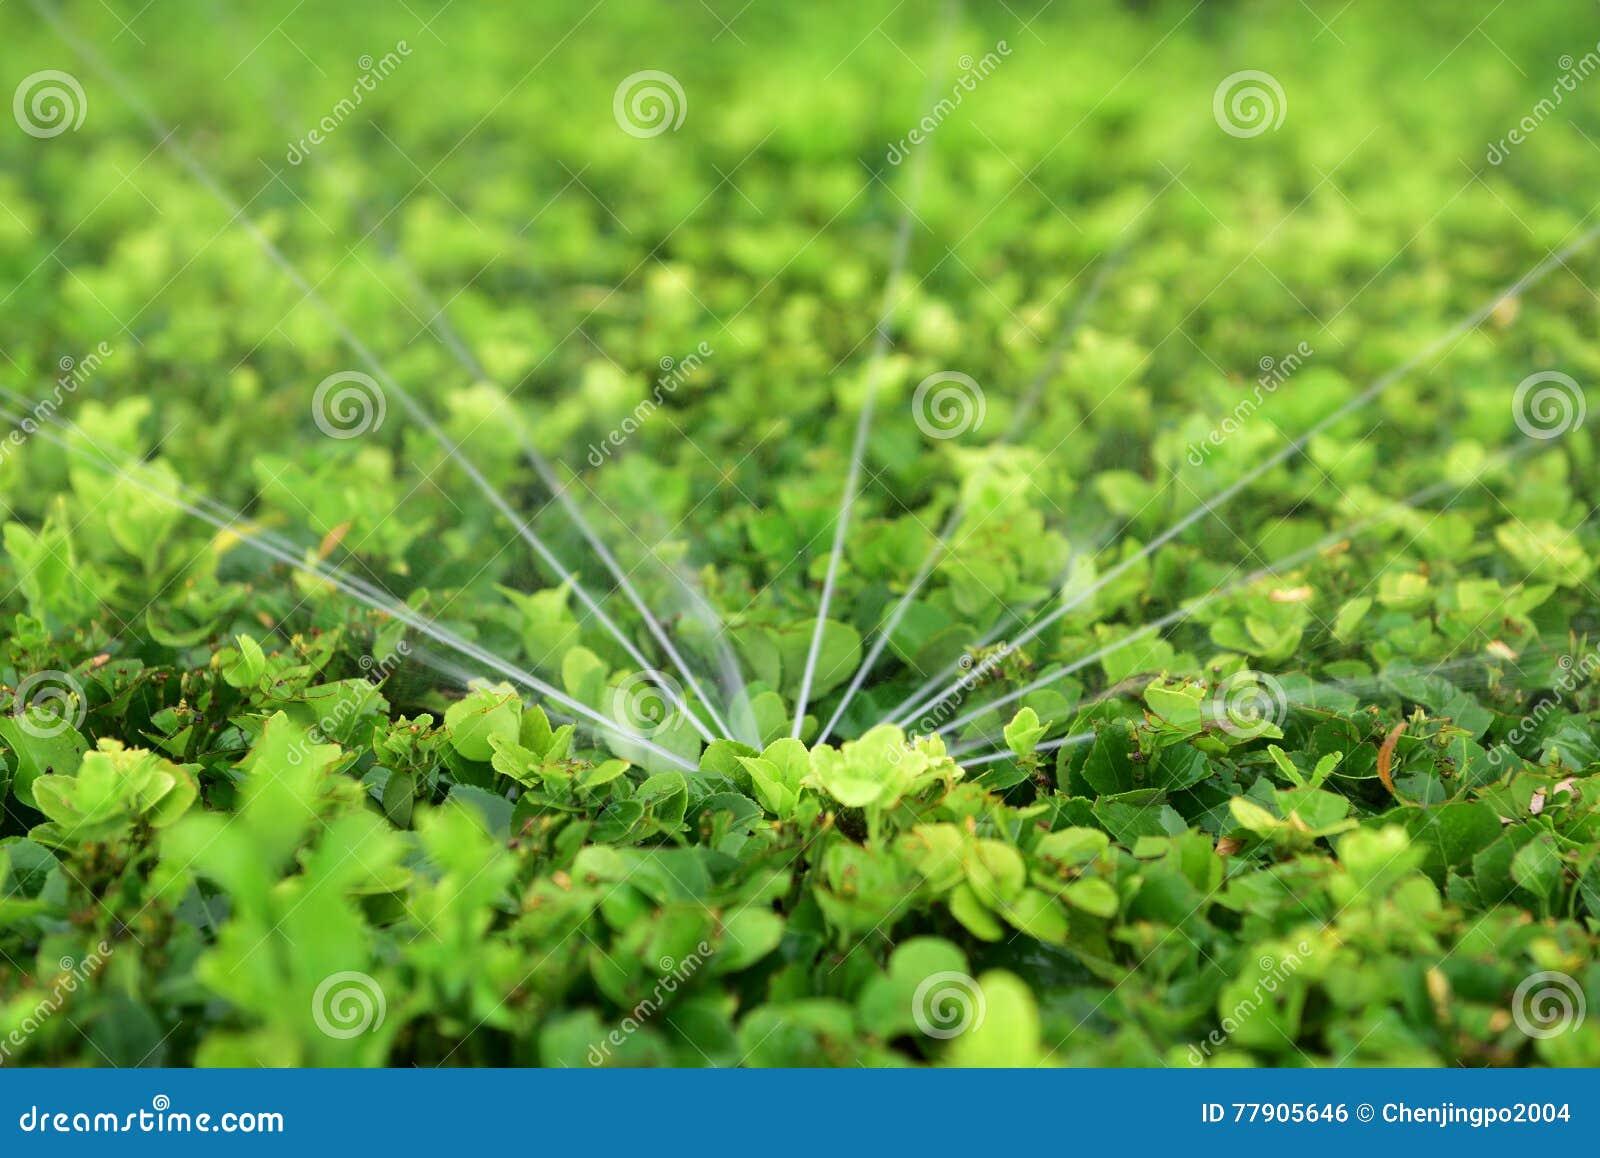 Irrigación de regadera